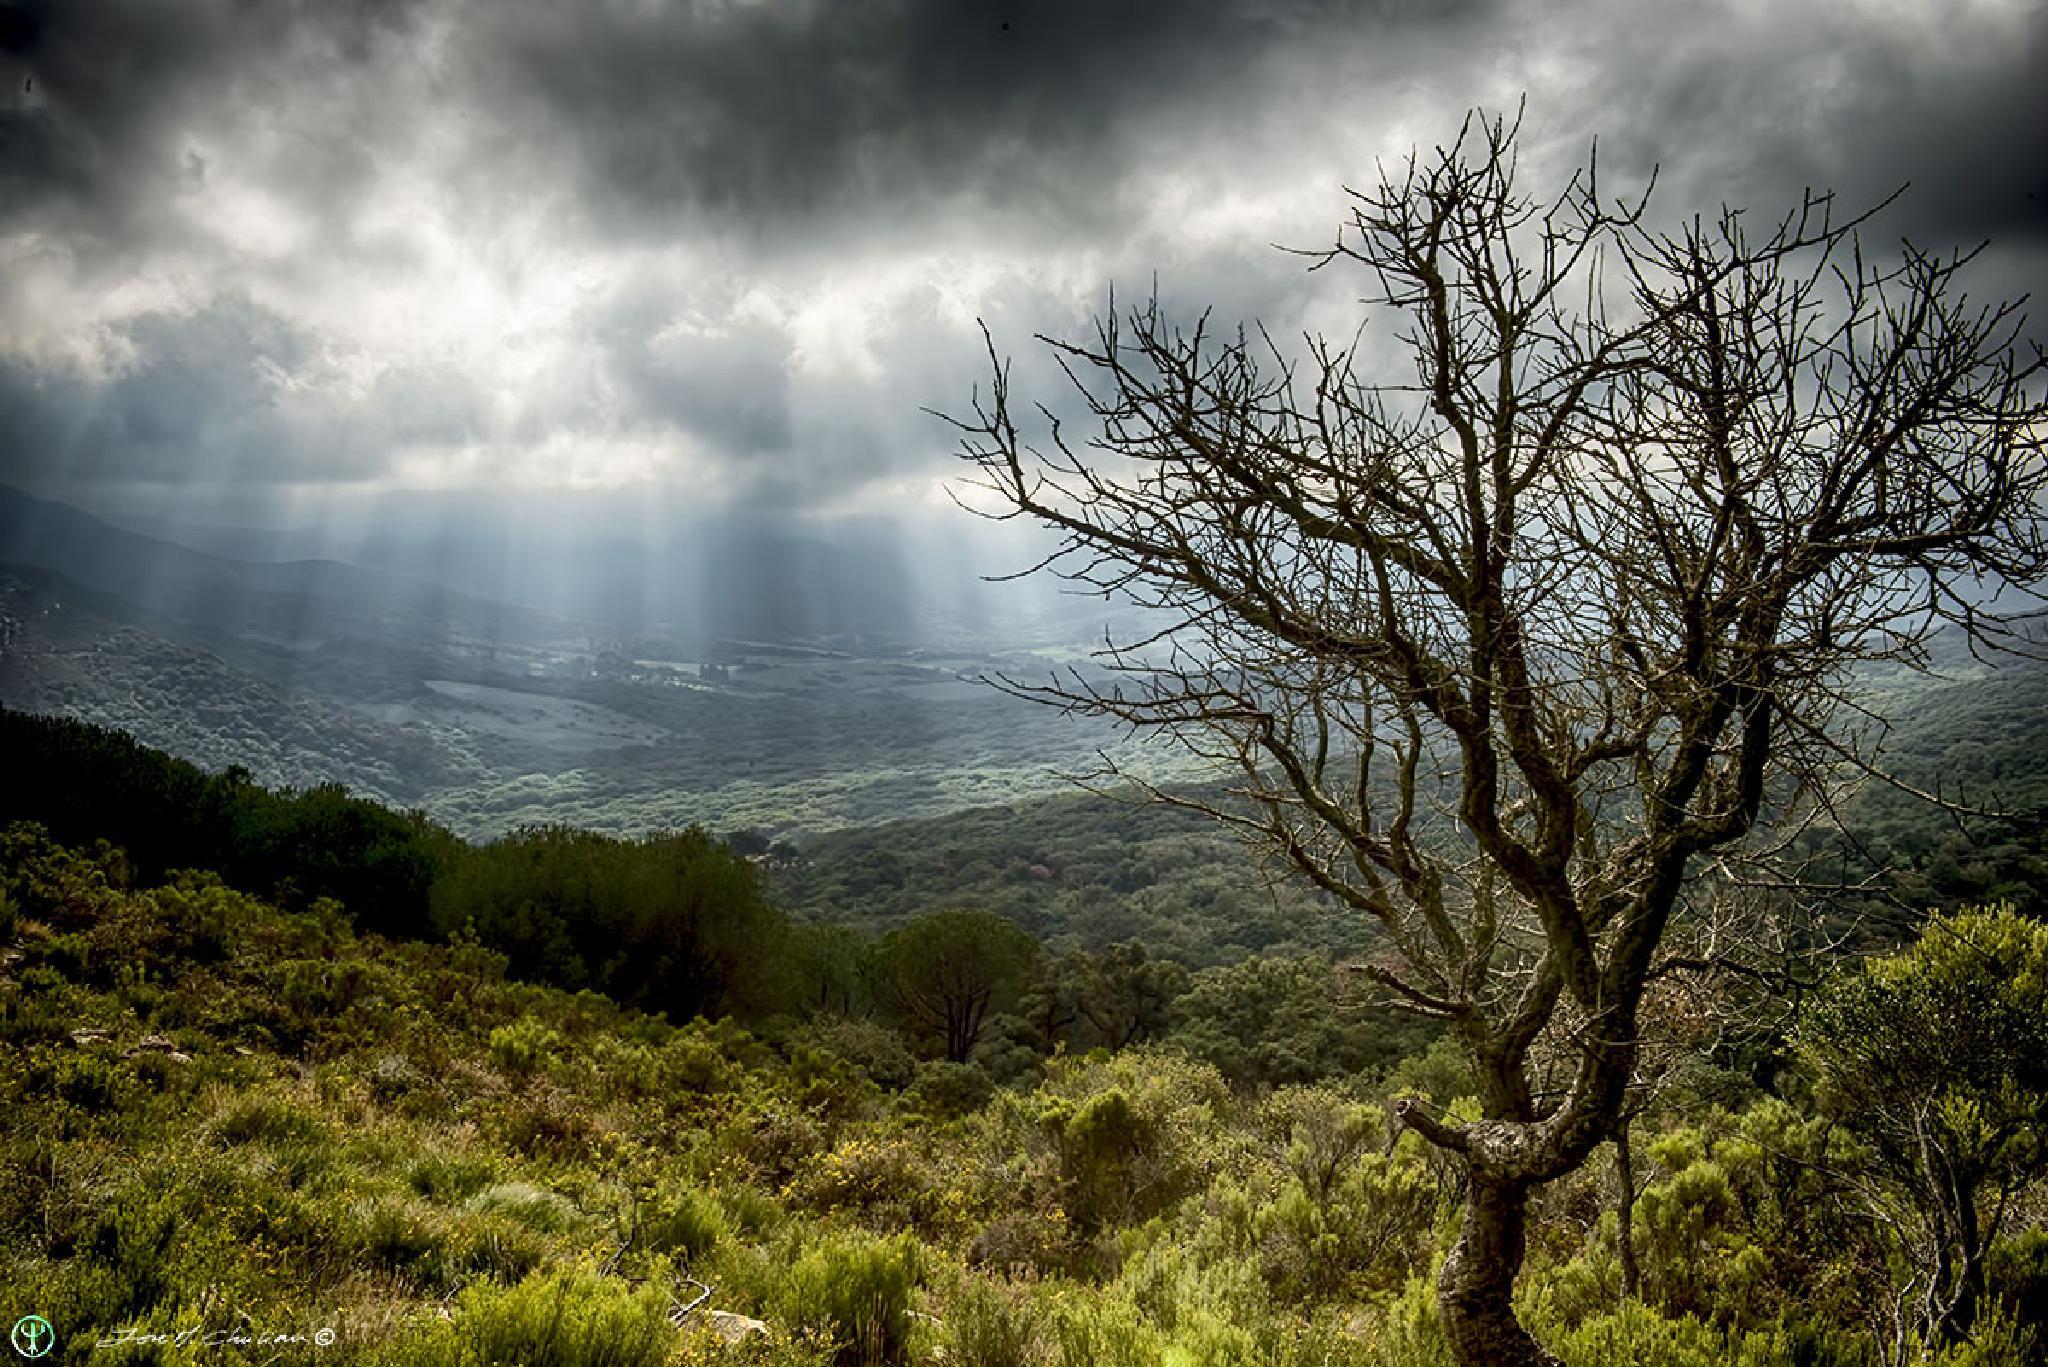 Dawning in the valley Ojen by jmchuliancesar